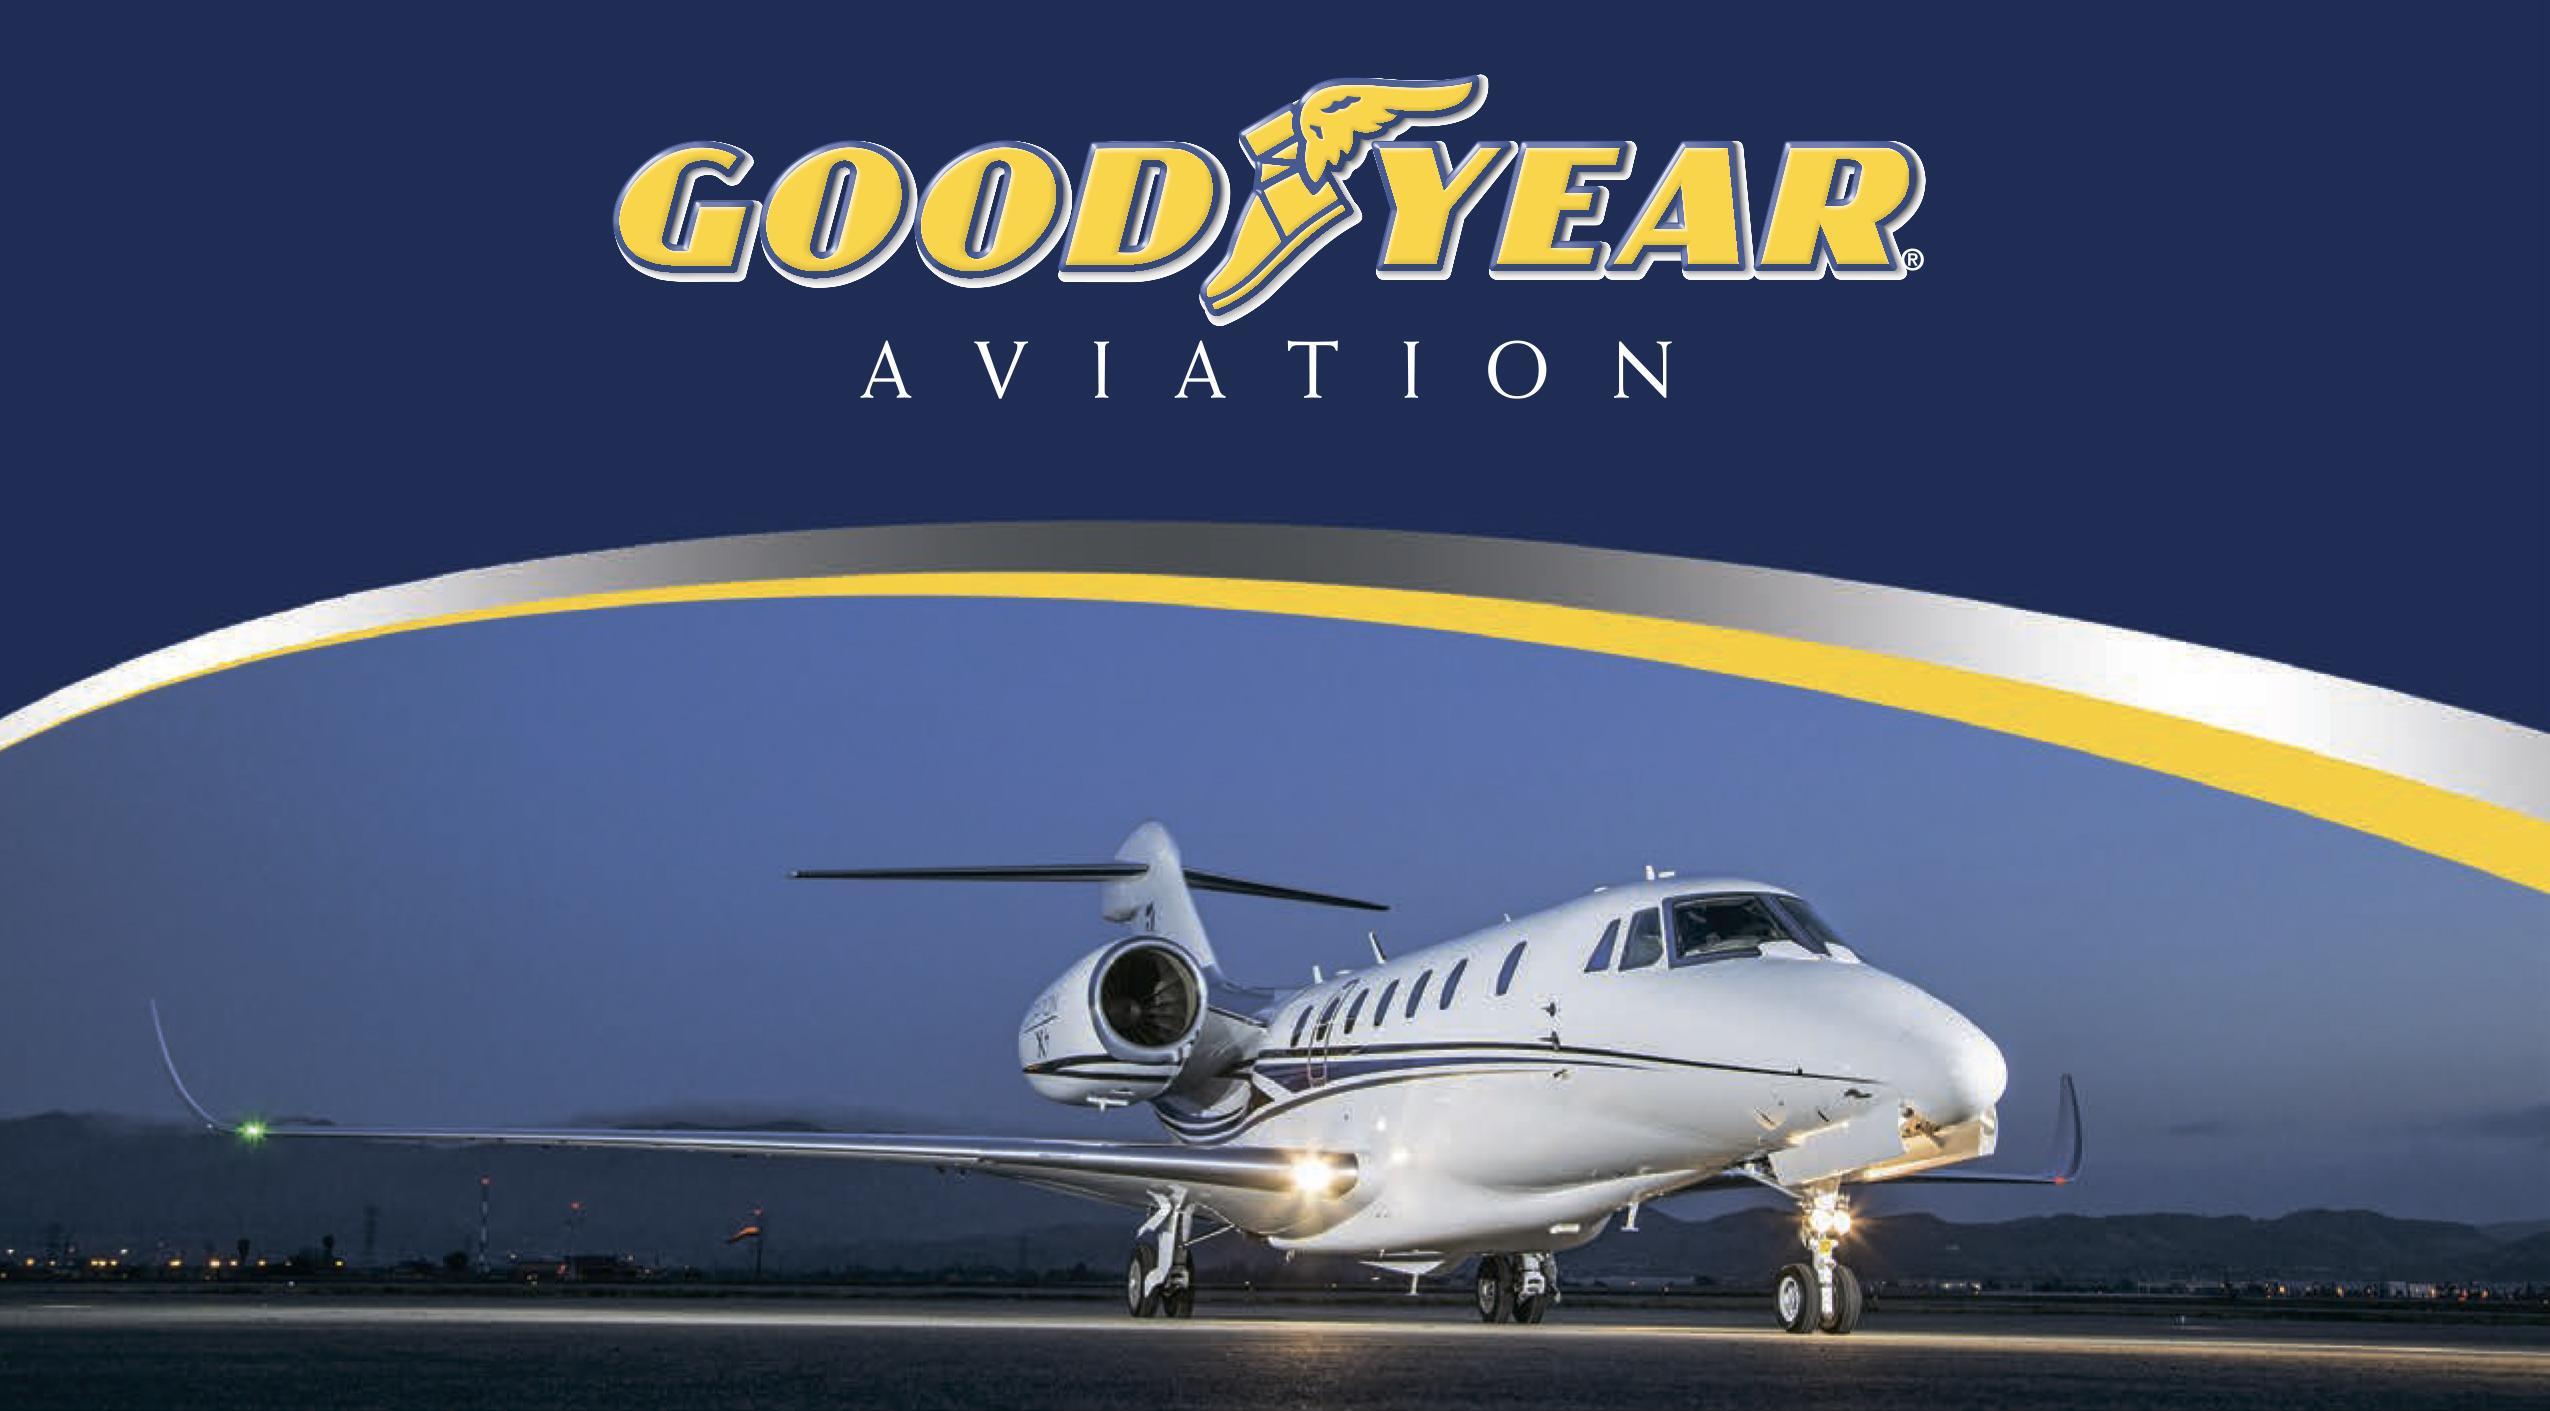 Goodyear построит в Таиланде завод авиационных шин